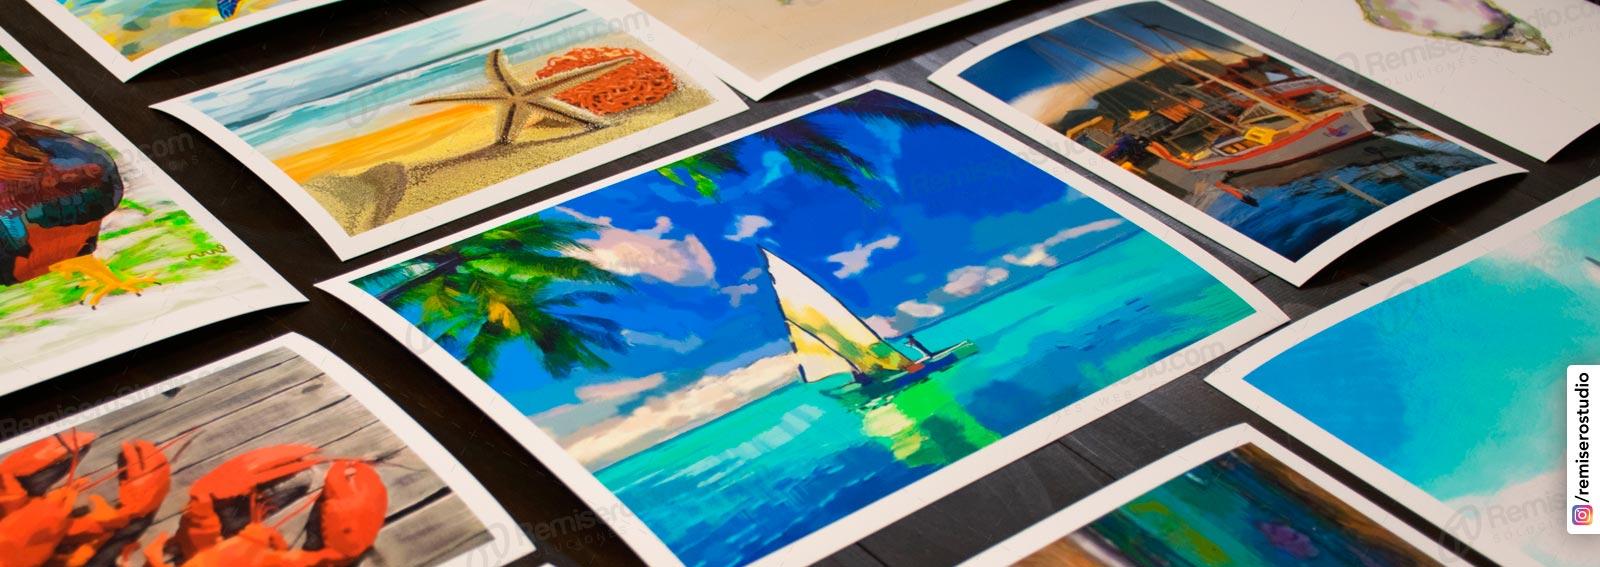 Impresión de fotos en alta calidad de resolución de imagen en photo premium paper, con tintas resistentes al agua y a los rayos uv.